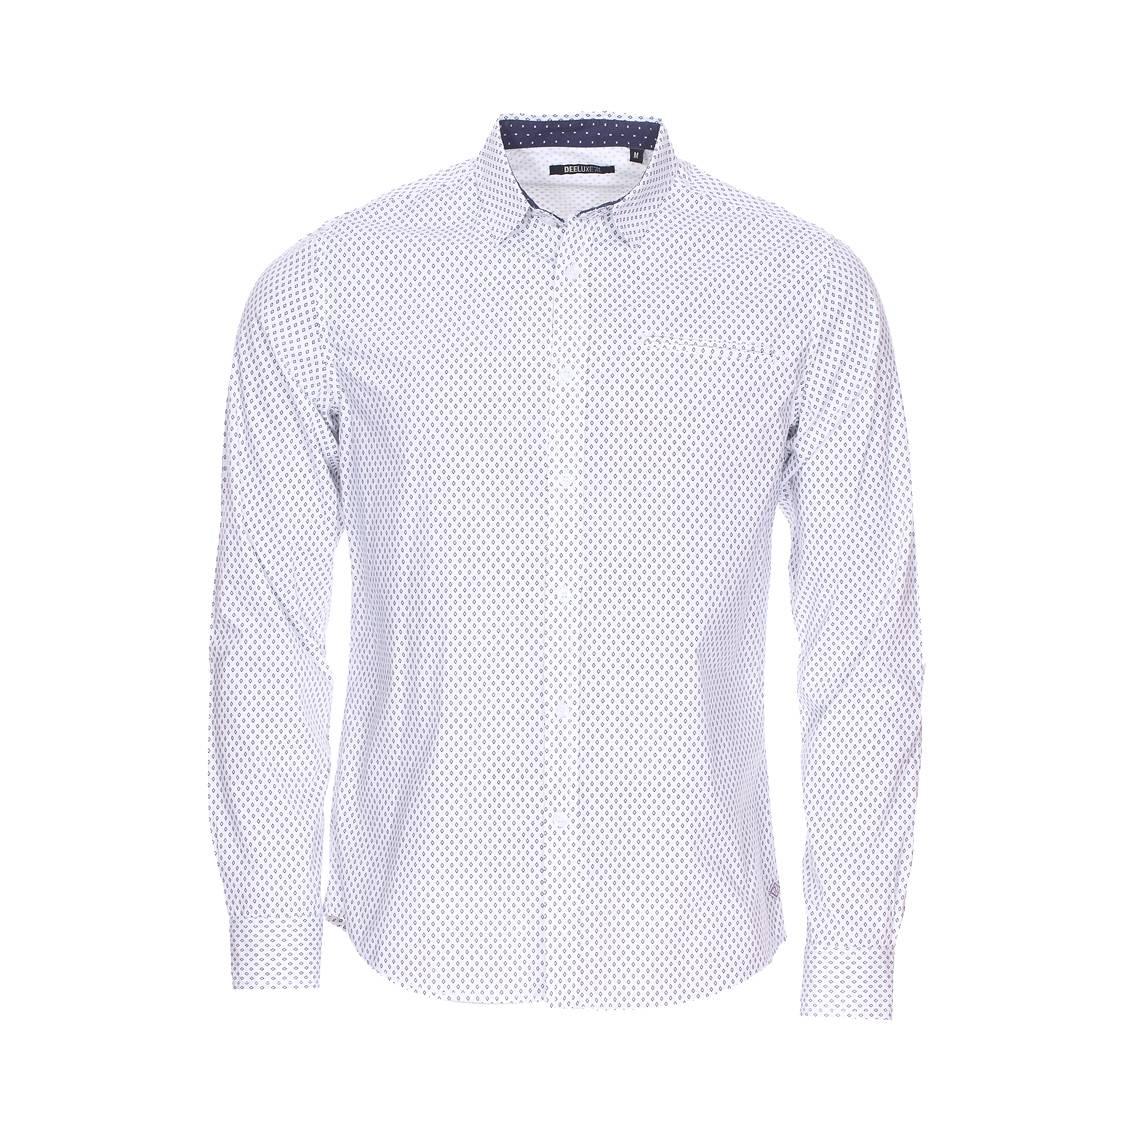 Chemise ajustée deeluxe capalino est. 74 en coton blanc à motif fantaisie bleu marine